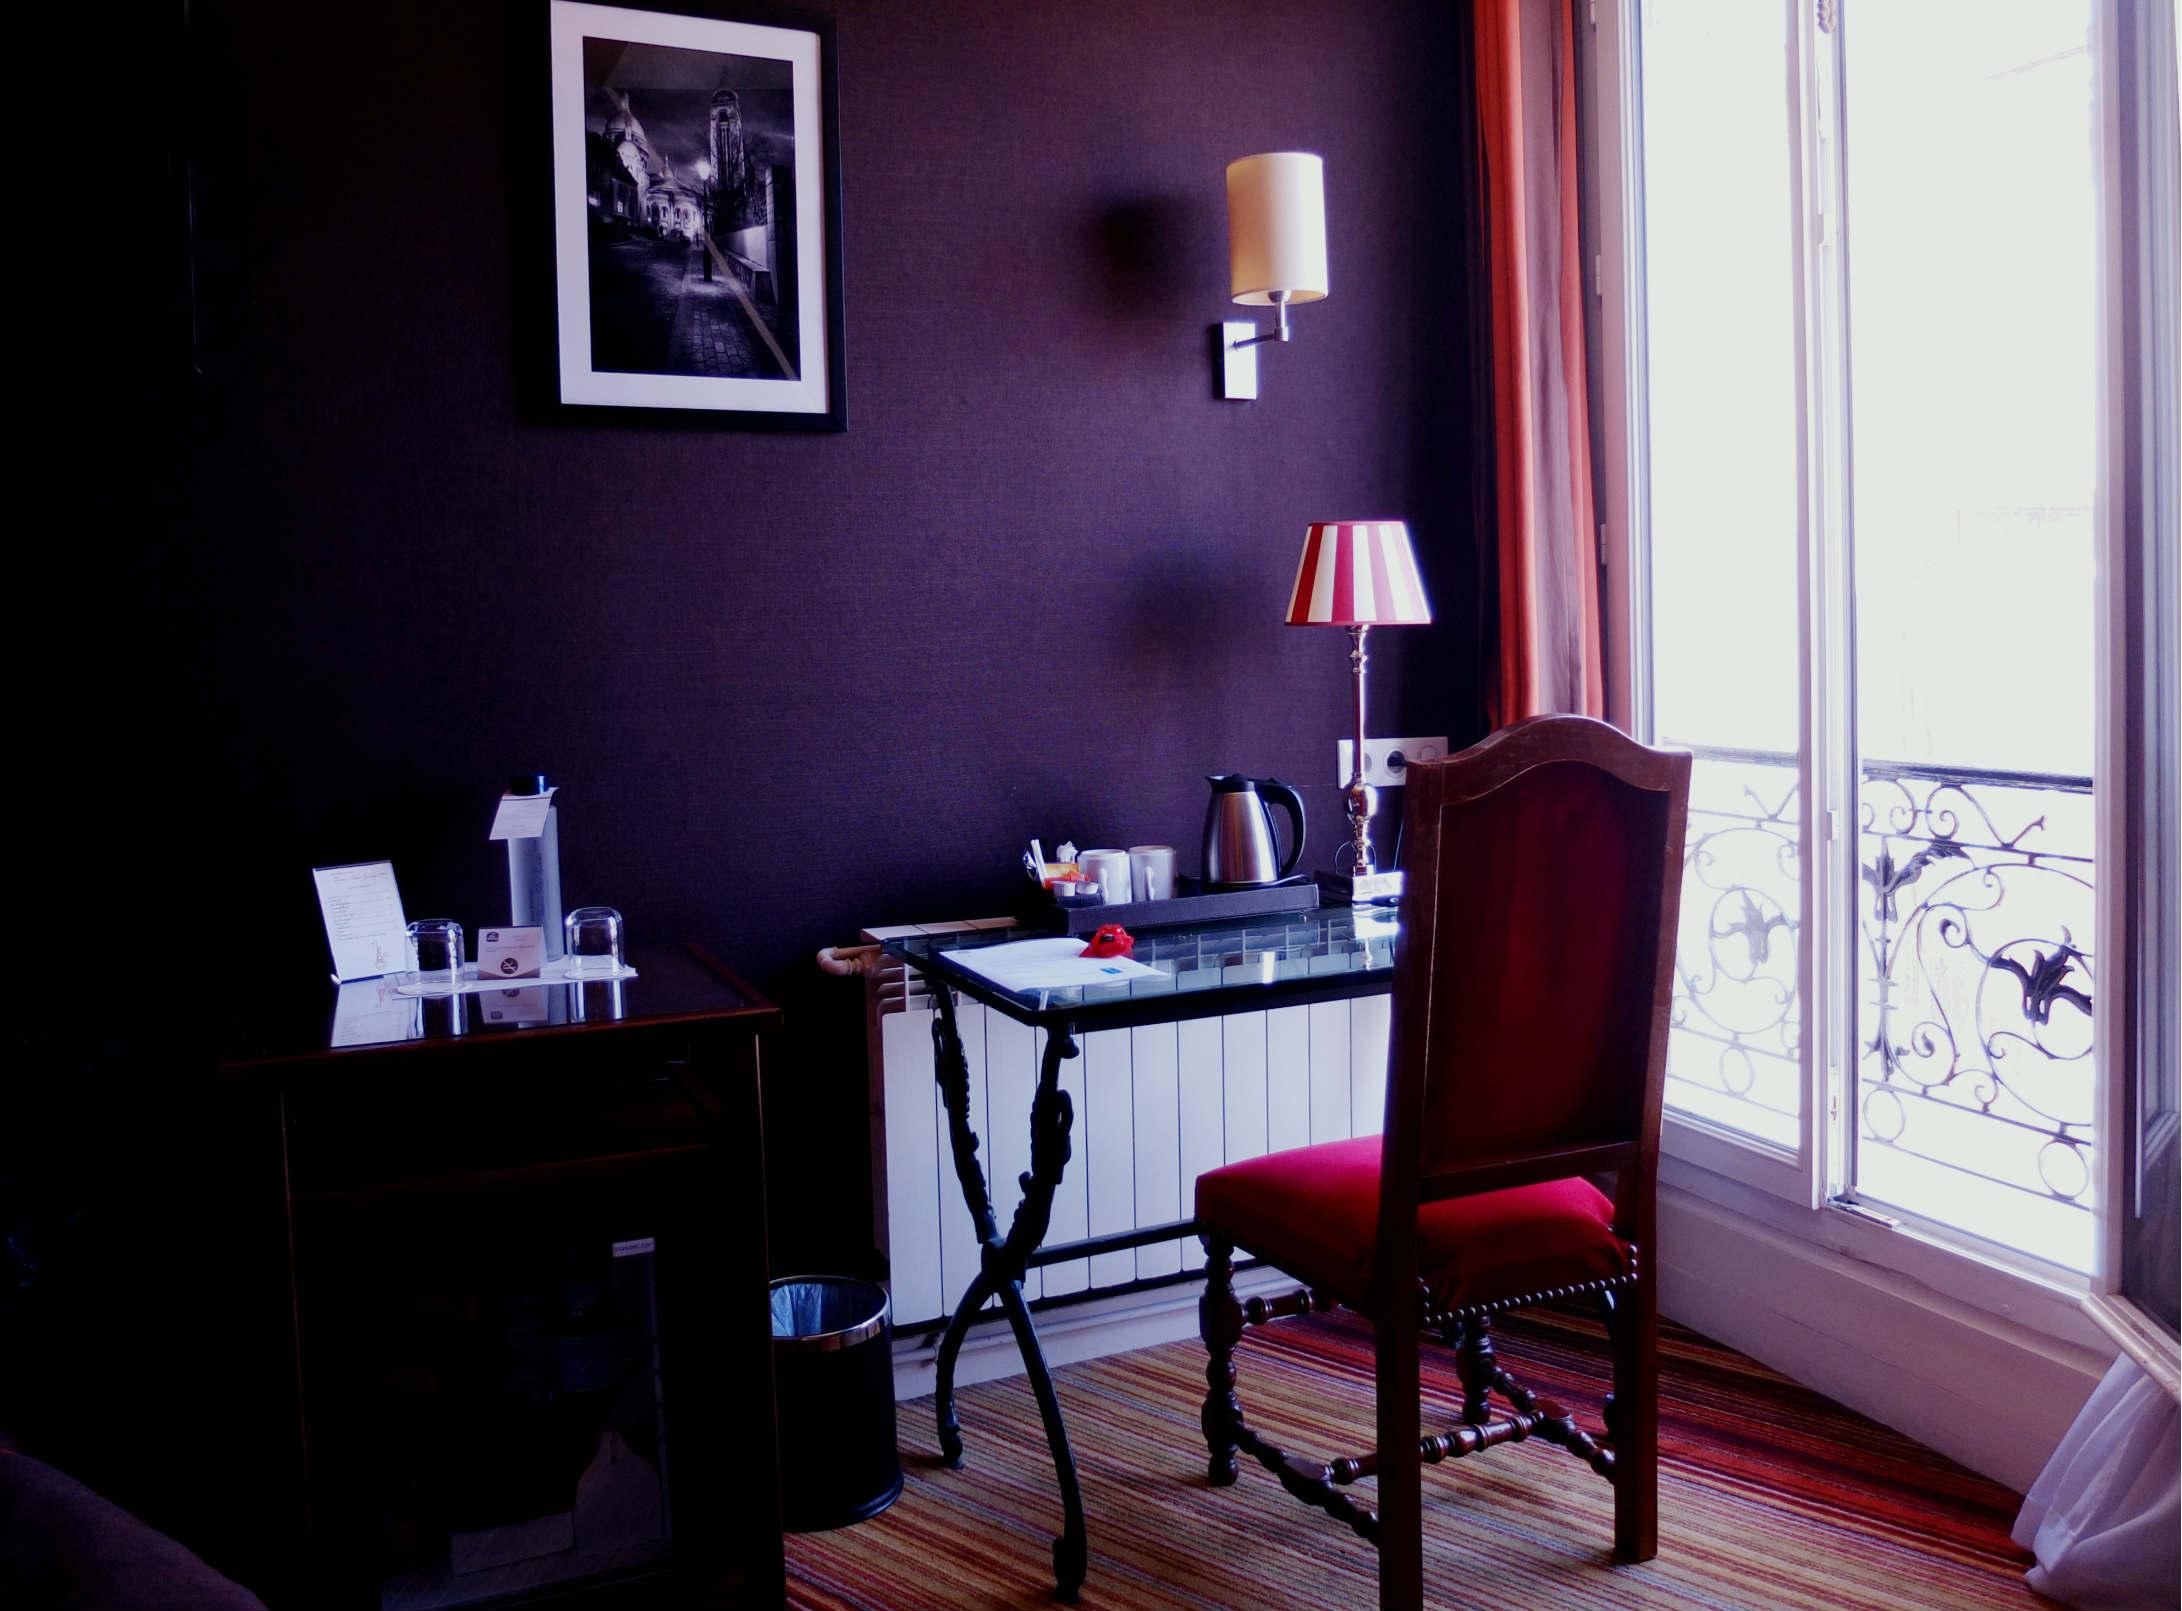 hotel-trianon-rive-gauche